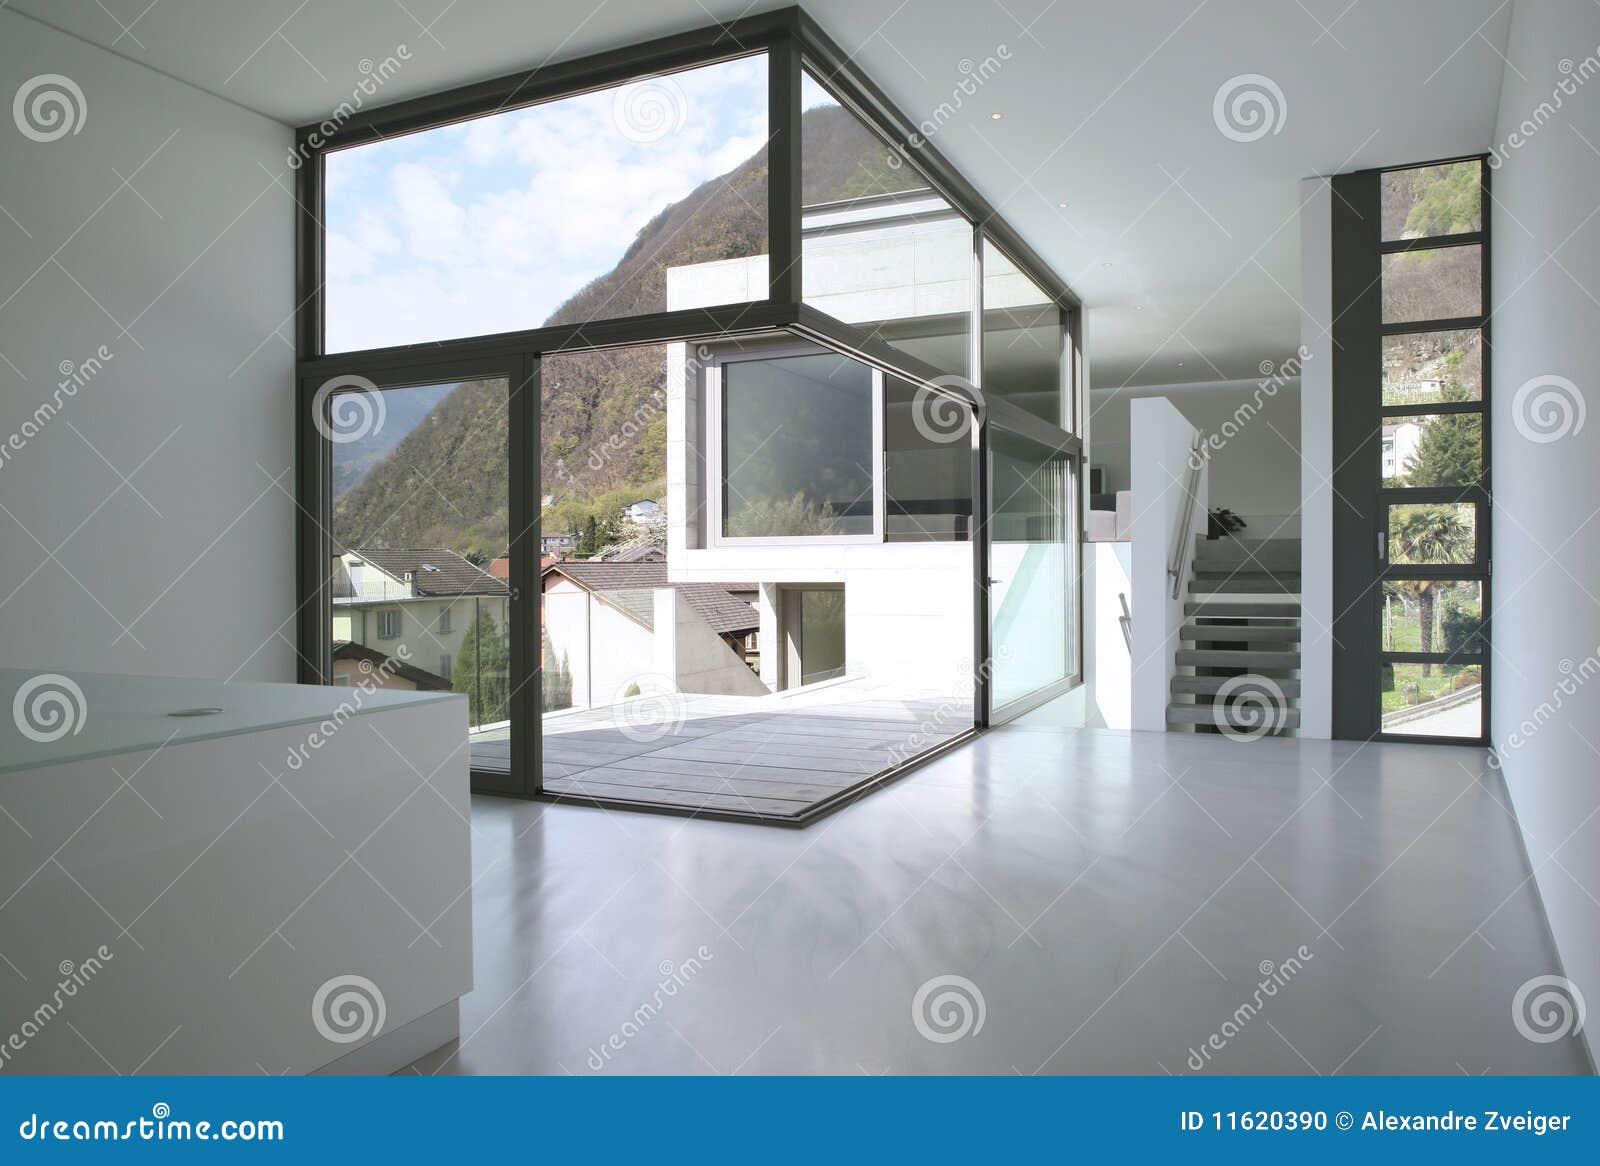 Leeres modernes haus stockfoto bild von terrasse wohnung for Modernes haus terrasse